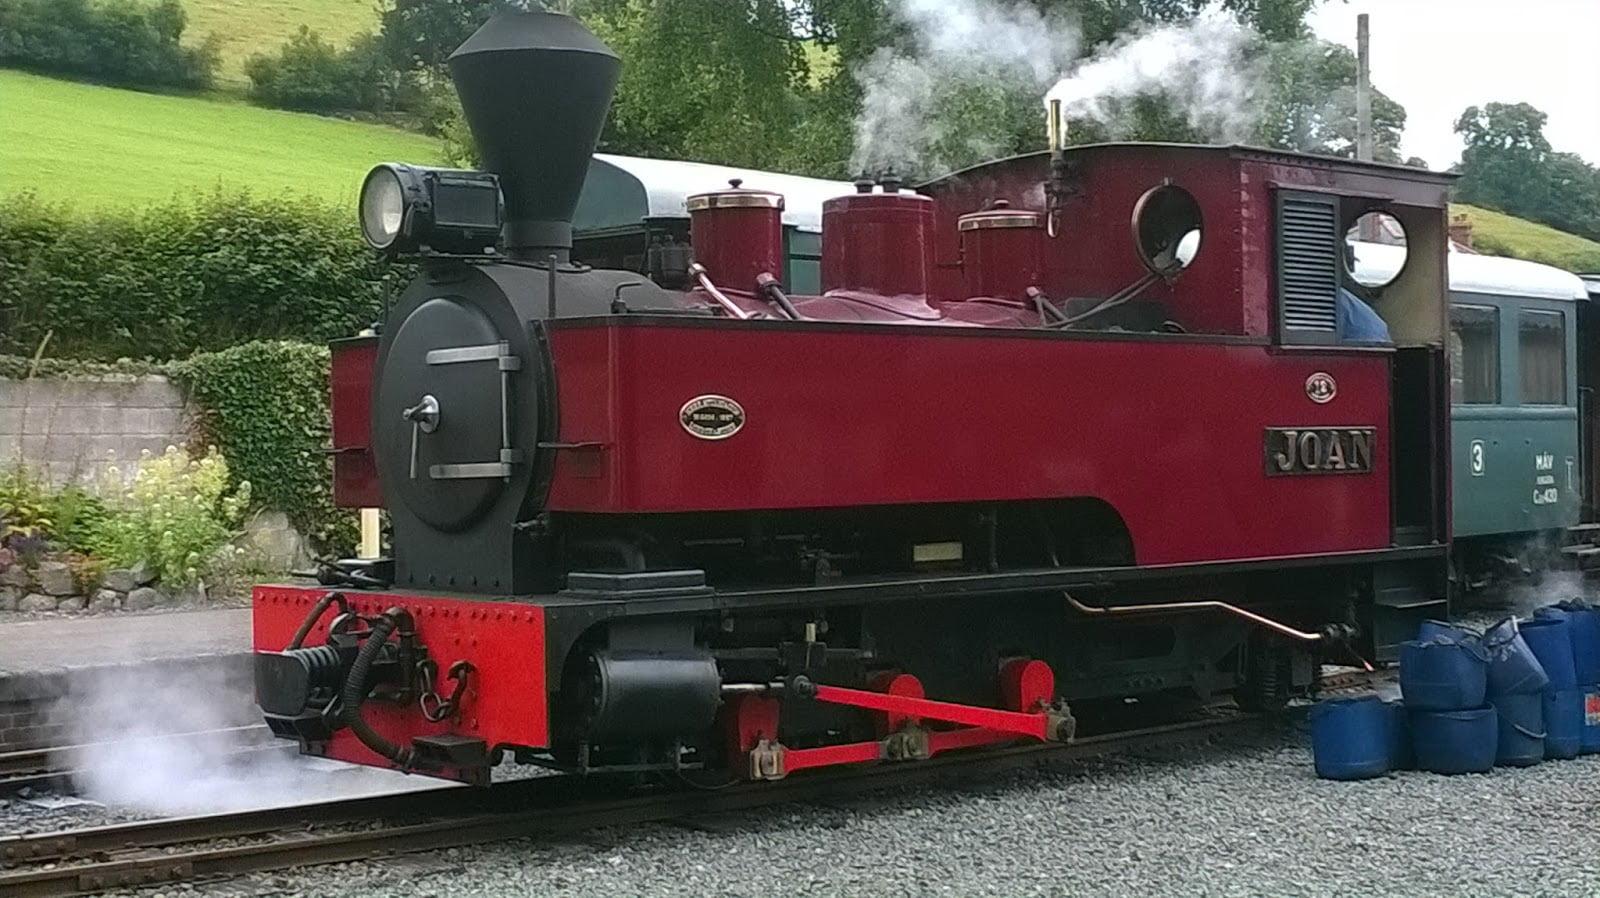 Joan at Llanfair on the Welshpool & Llanfair Railway